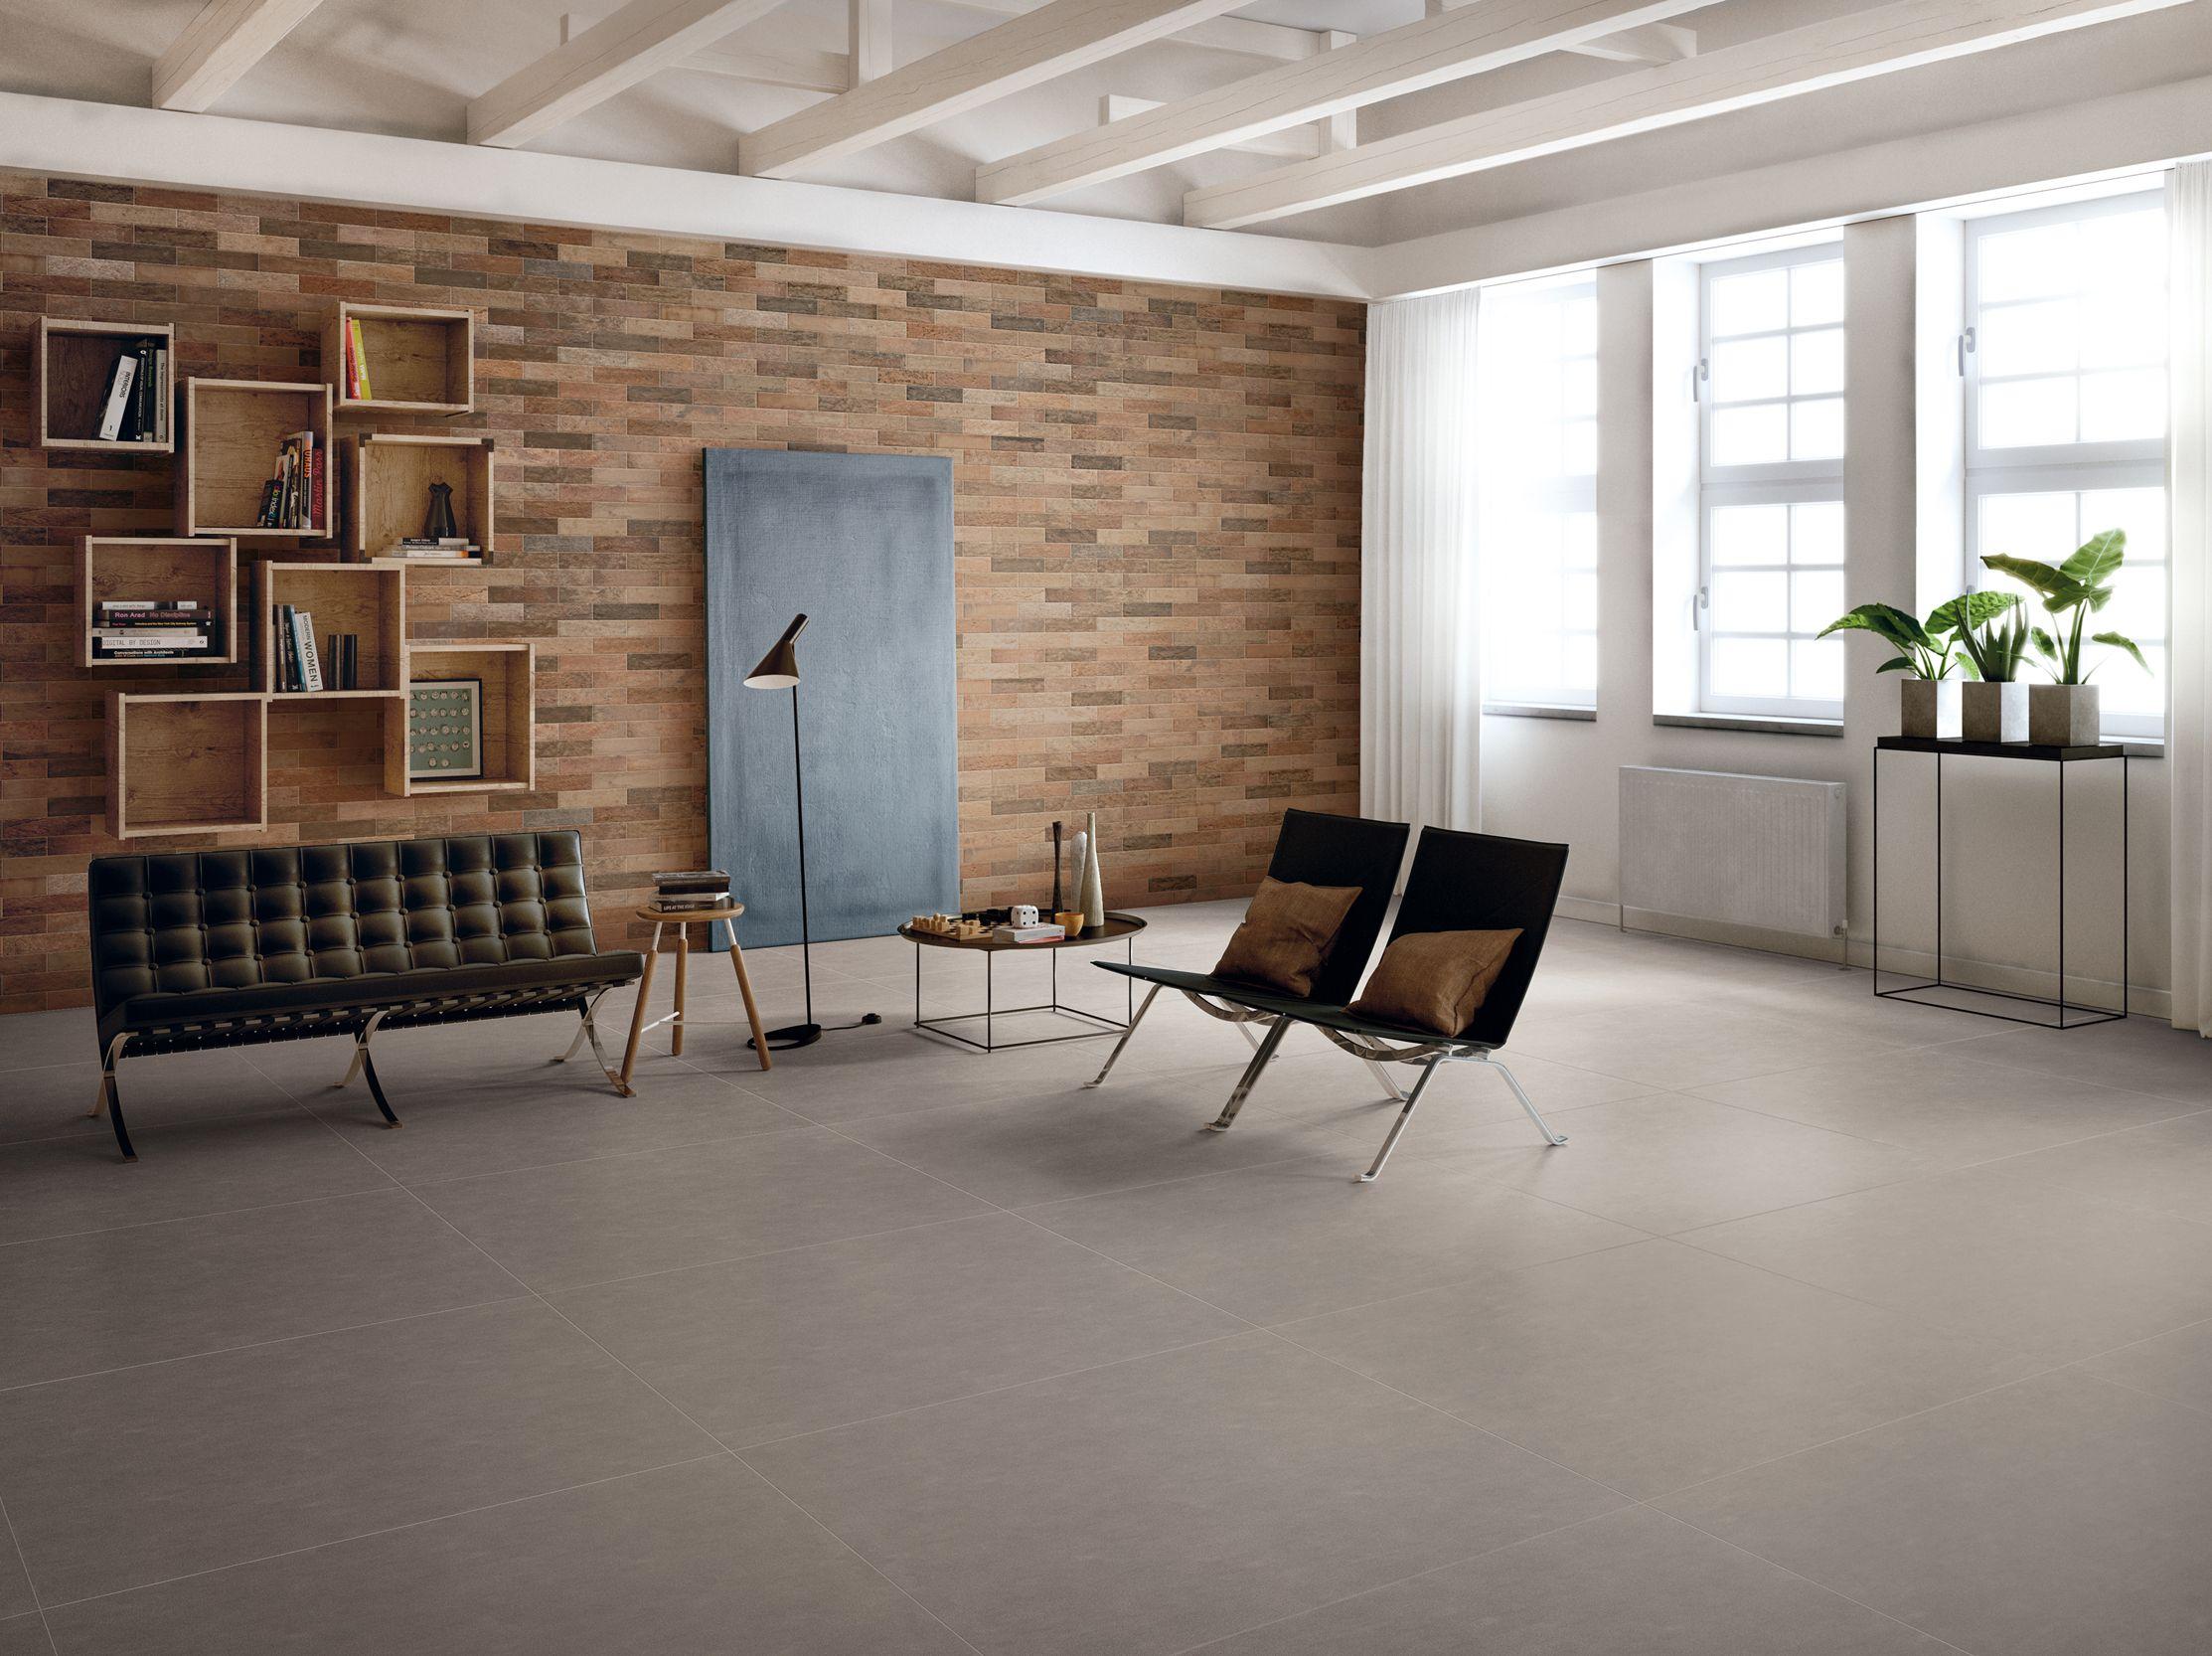 Pavimento rivestimento in gres porcellanato per interni for Ceramiche gres porcellanato